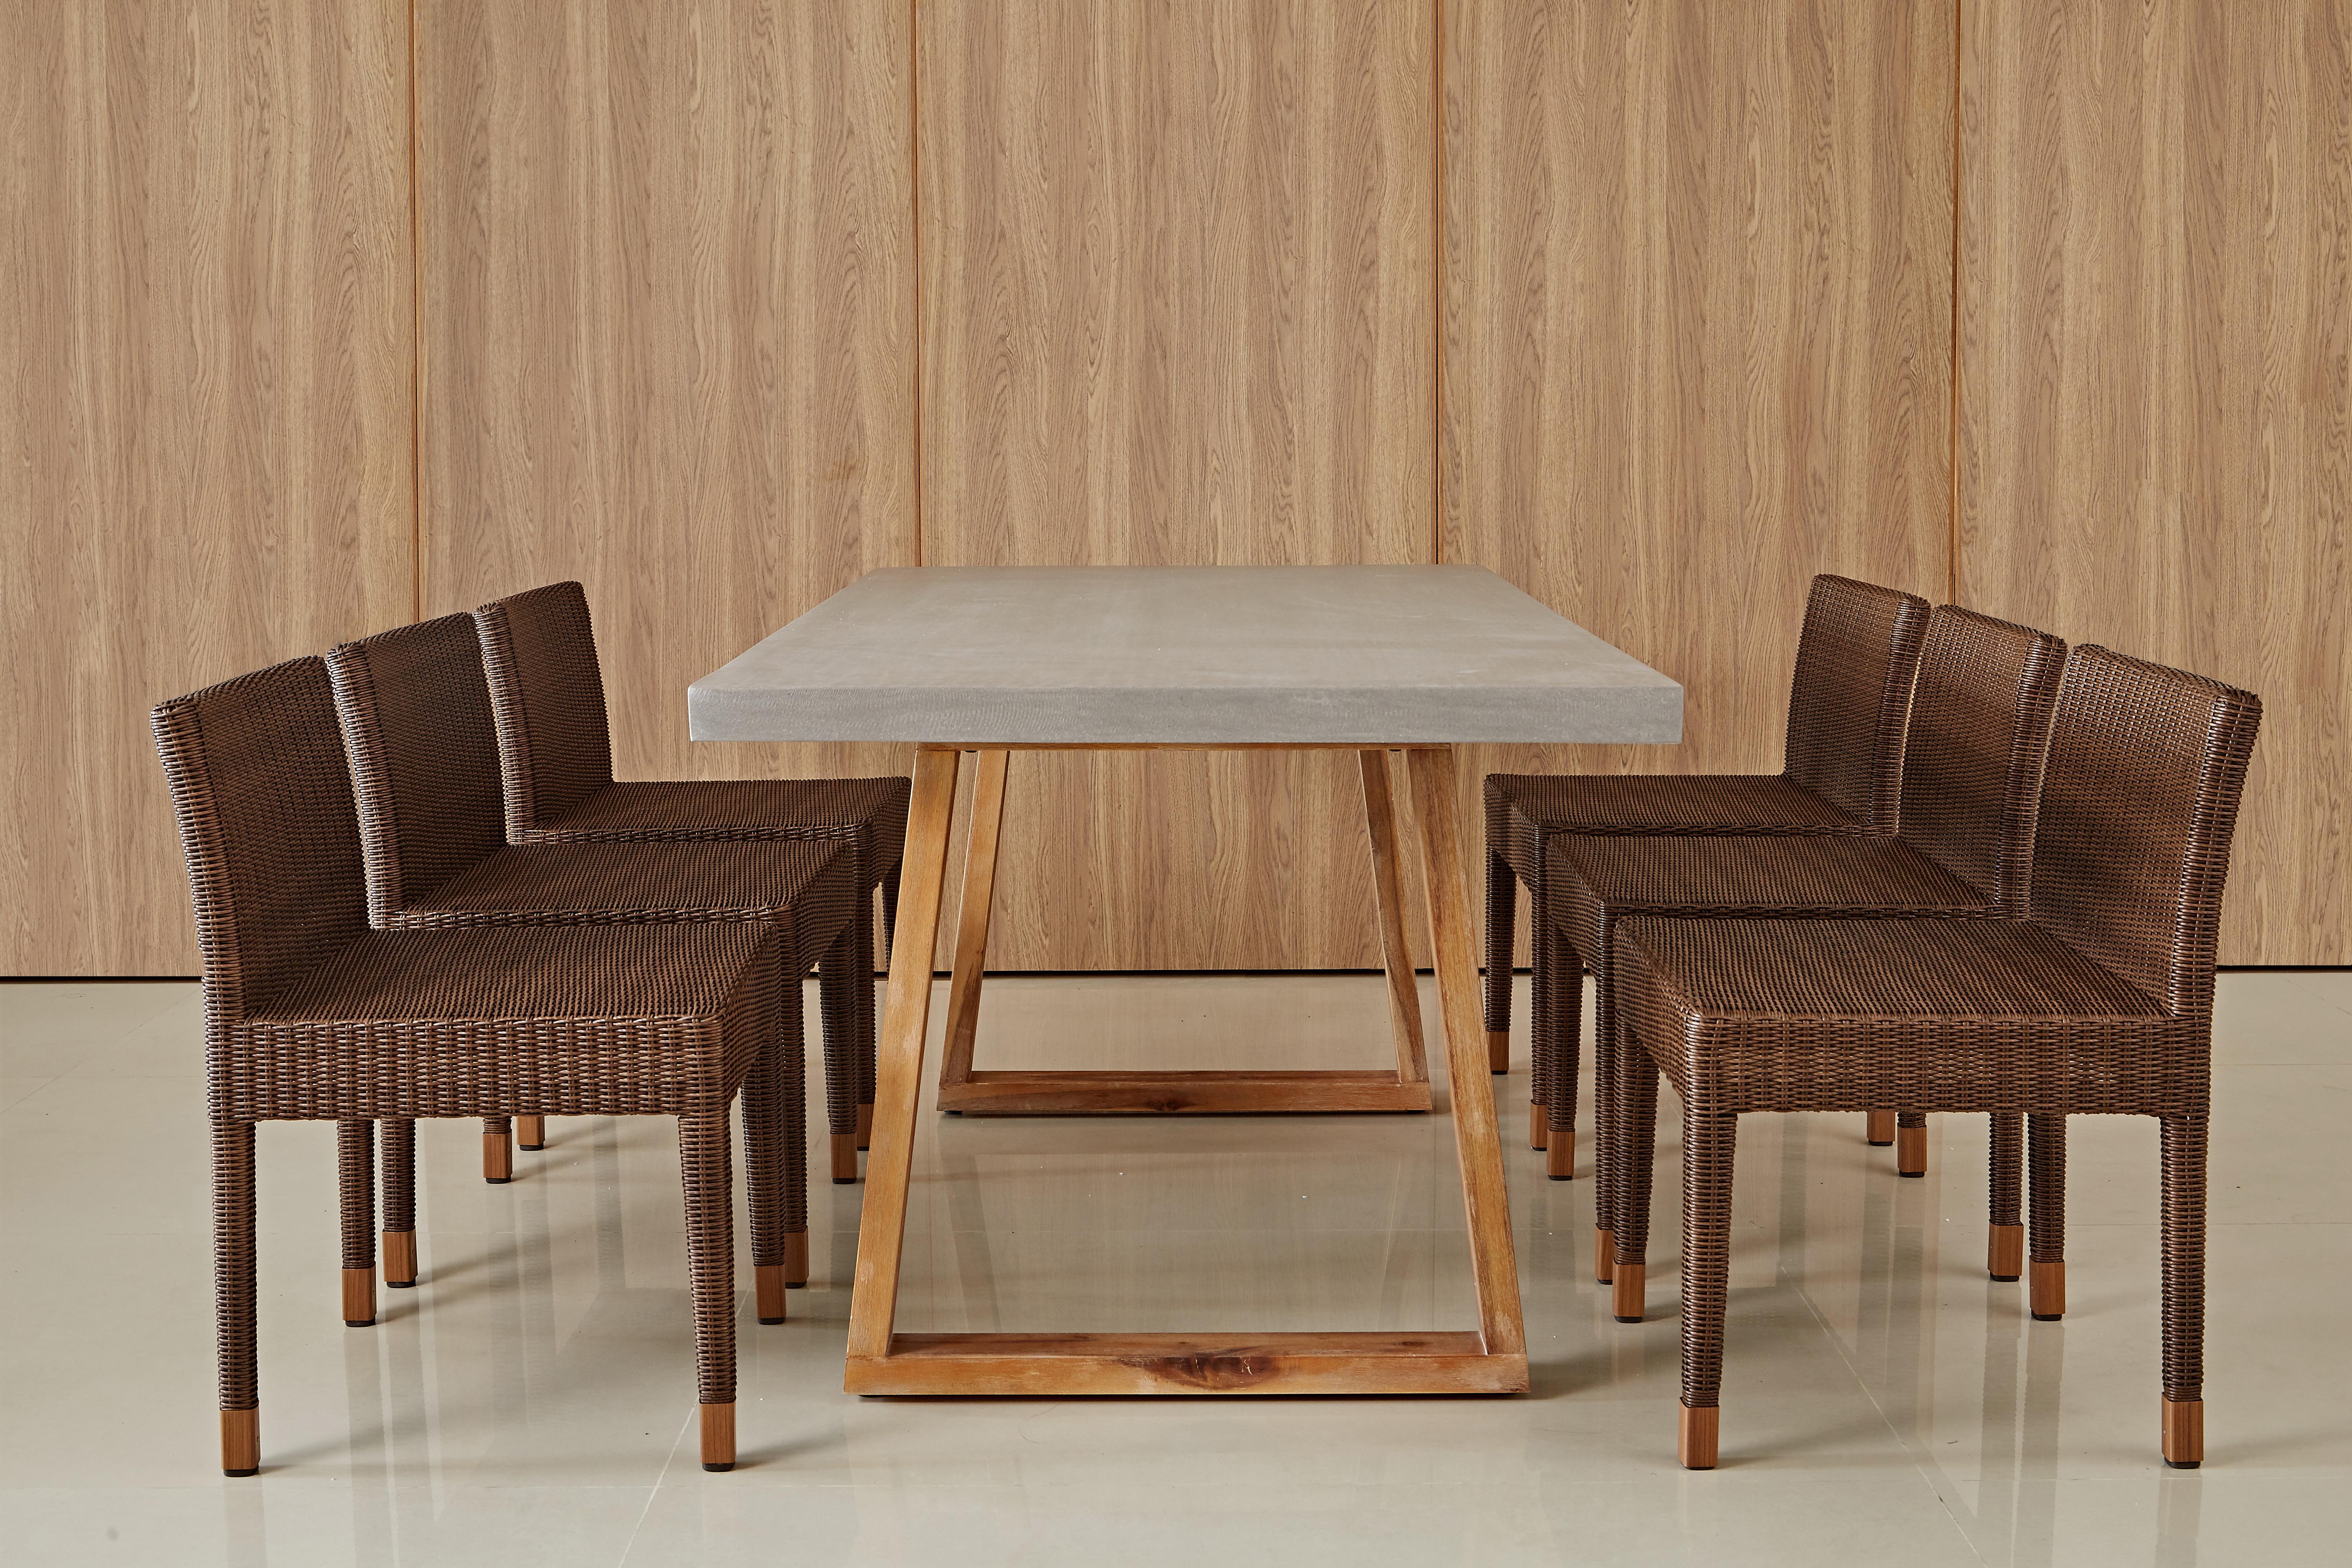 卡薩布蘭加系列+梯形石桌